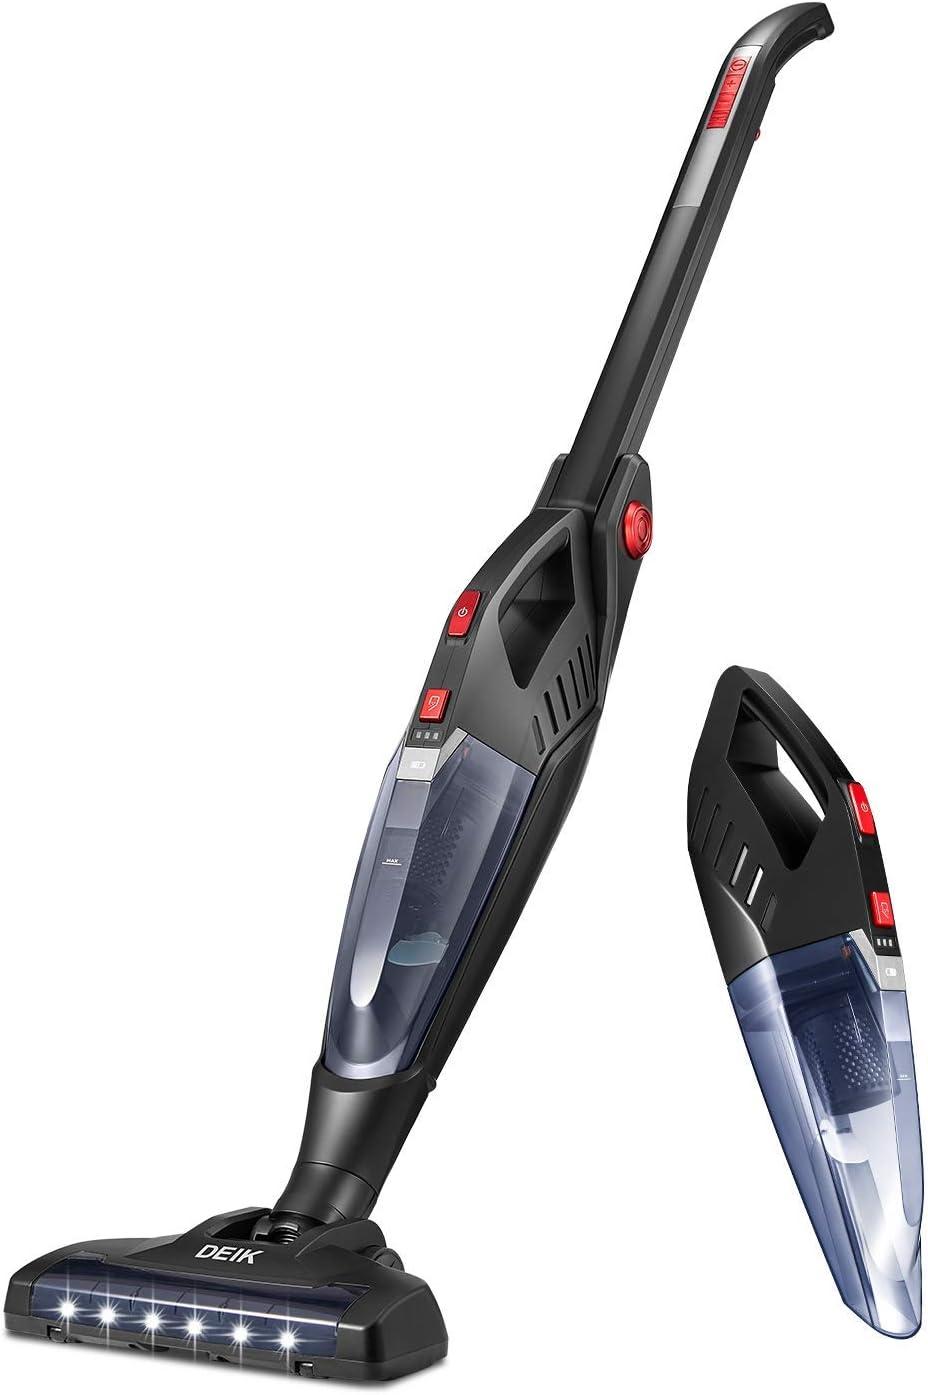 deik aspirador inalámbrico, práctico batería de 2 en 1 aspirador – Aspiradora de mano (sin bolsa, 22,2 V 2200 mAh batería de litio, cepillo eléctrico con accesorios), color negro: Amazon.es: Hogar